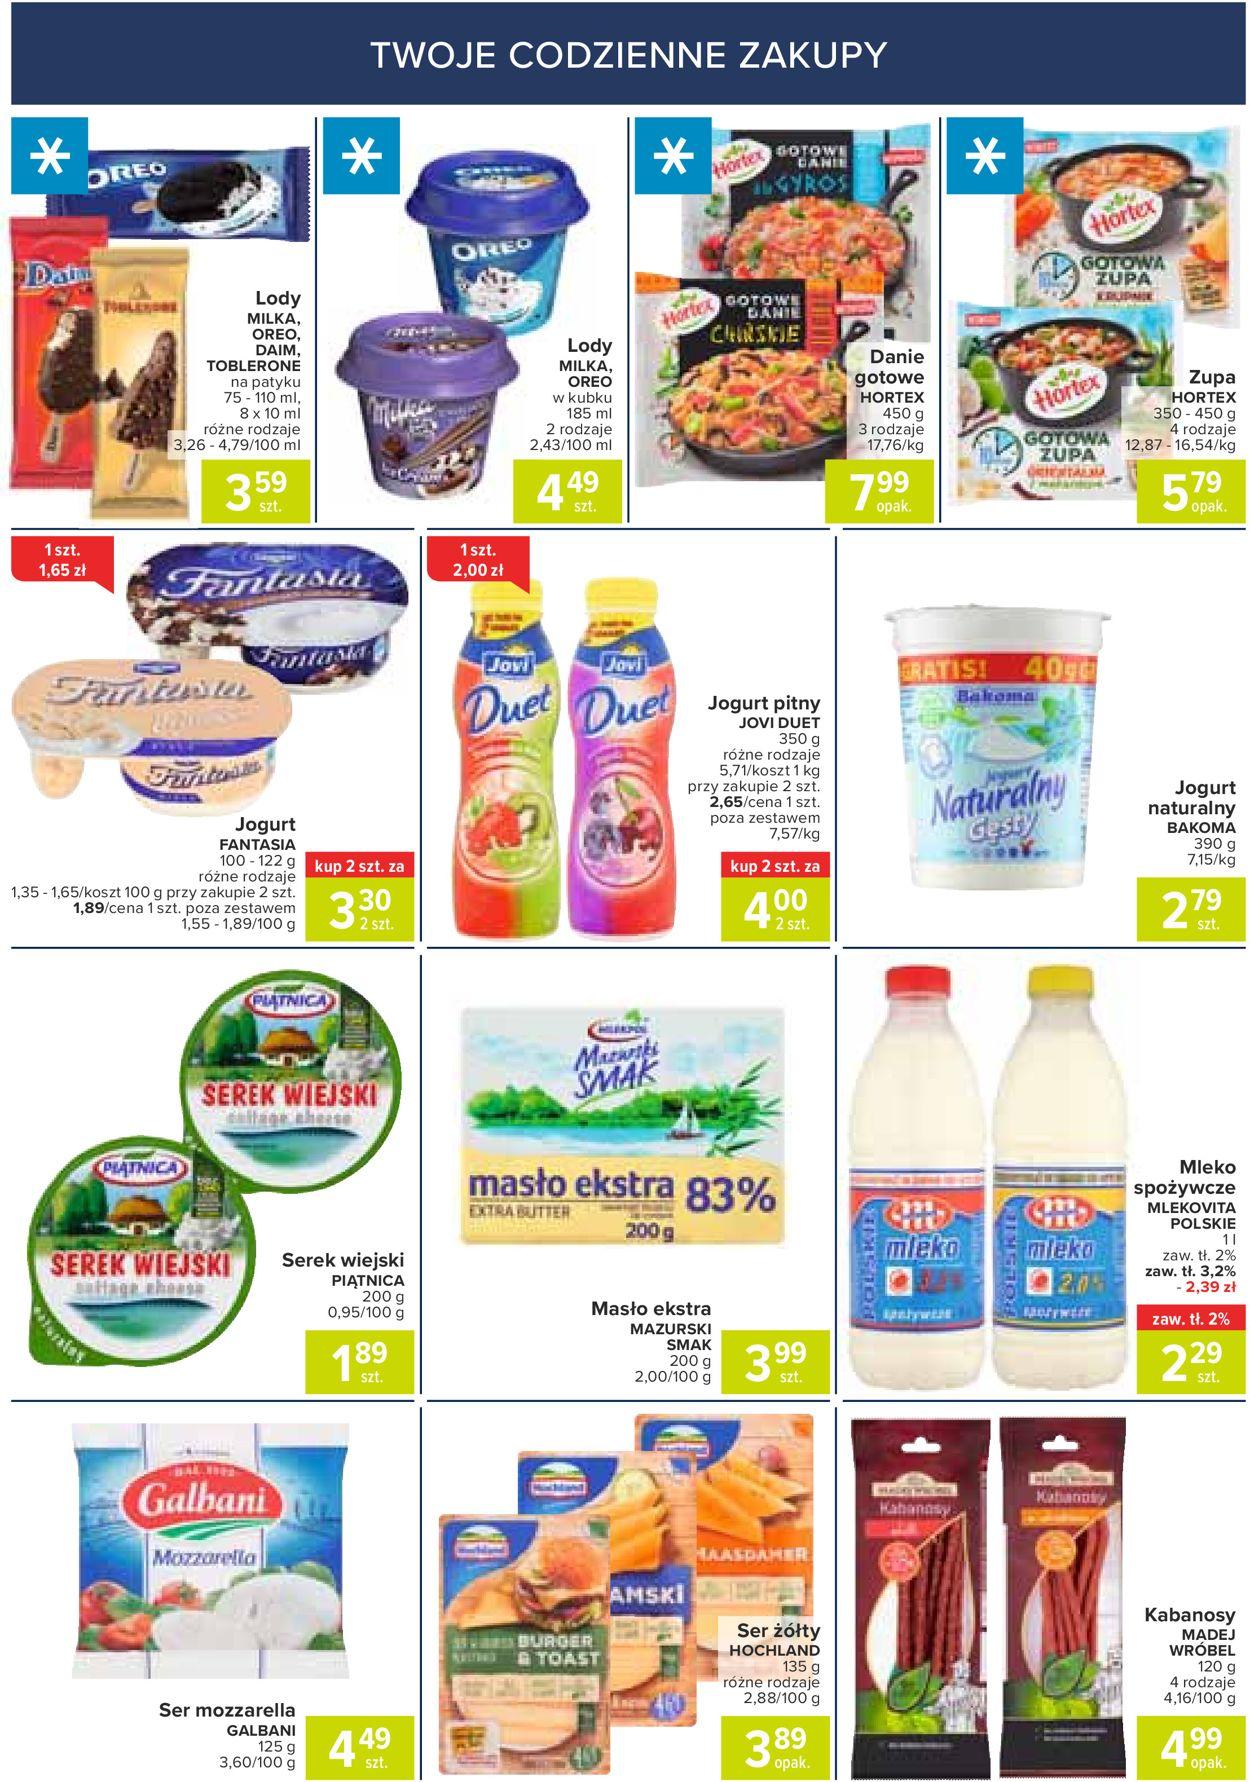 Gazetka promocyjna Carrefour - 09.06-15.06.2020 (Strona 2)